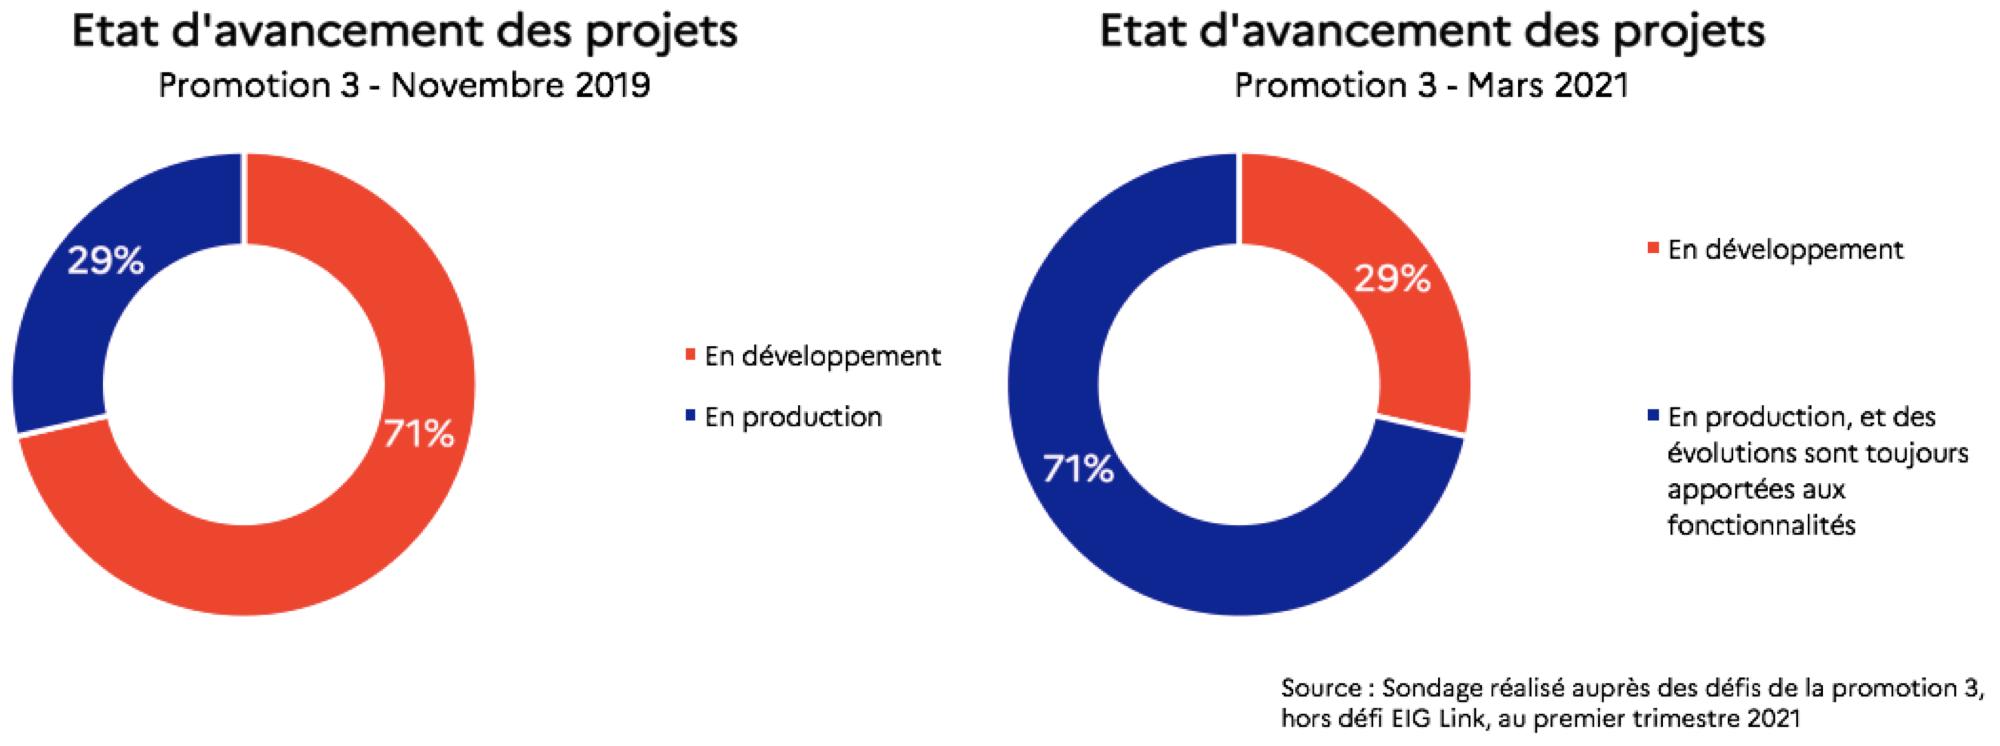 """Deux graphiques en anneau sur l'état d'avancement des projets. Le premier graphique indique qu'en novembre 2019, 29% des projets de la promotion 3 étaient en production et 71% étaient en développement. Le second graphique indique qu'en mars 2021, 71% des projets étaient """"en production, et des évolutions sont toujours apportées aux fonctionnalités"""" et 29% étaient en développement."""